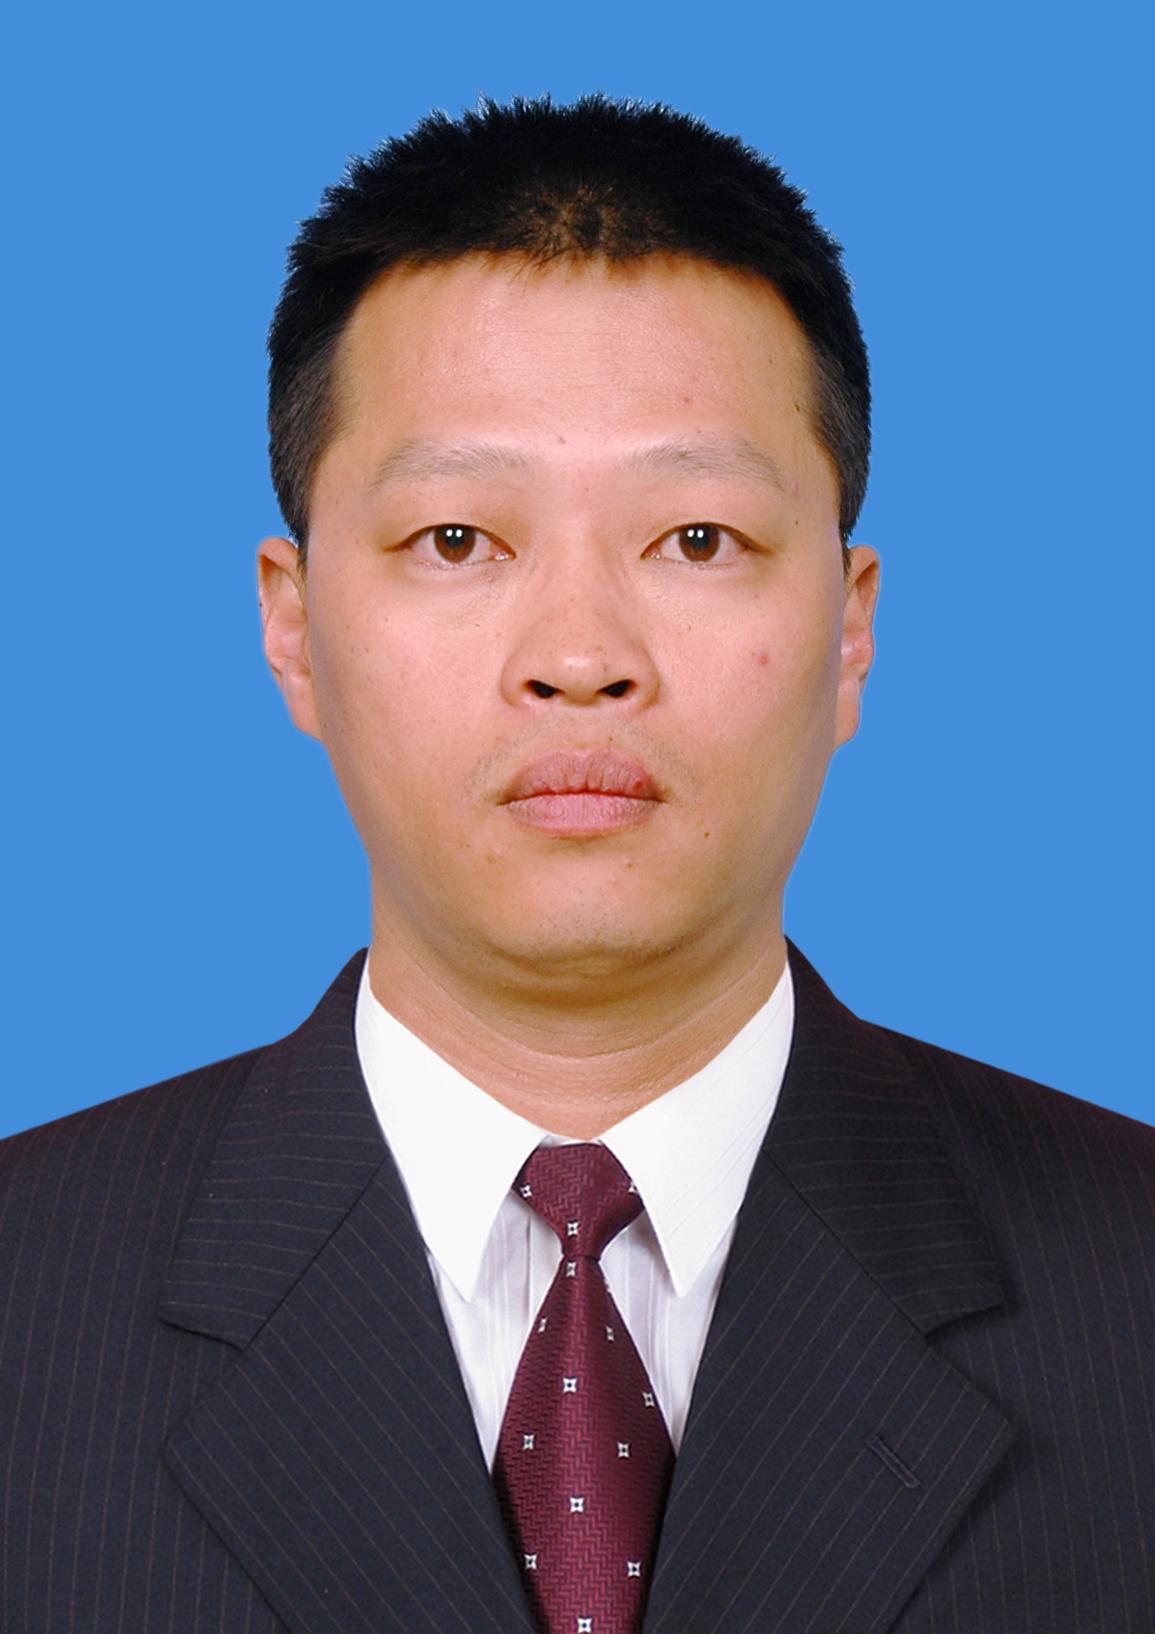 揭东区律师-蔡佳盛律师